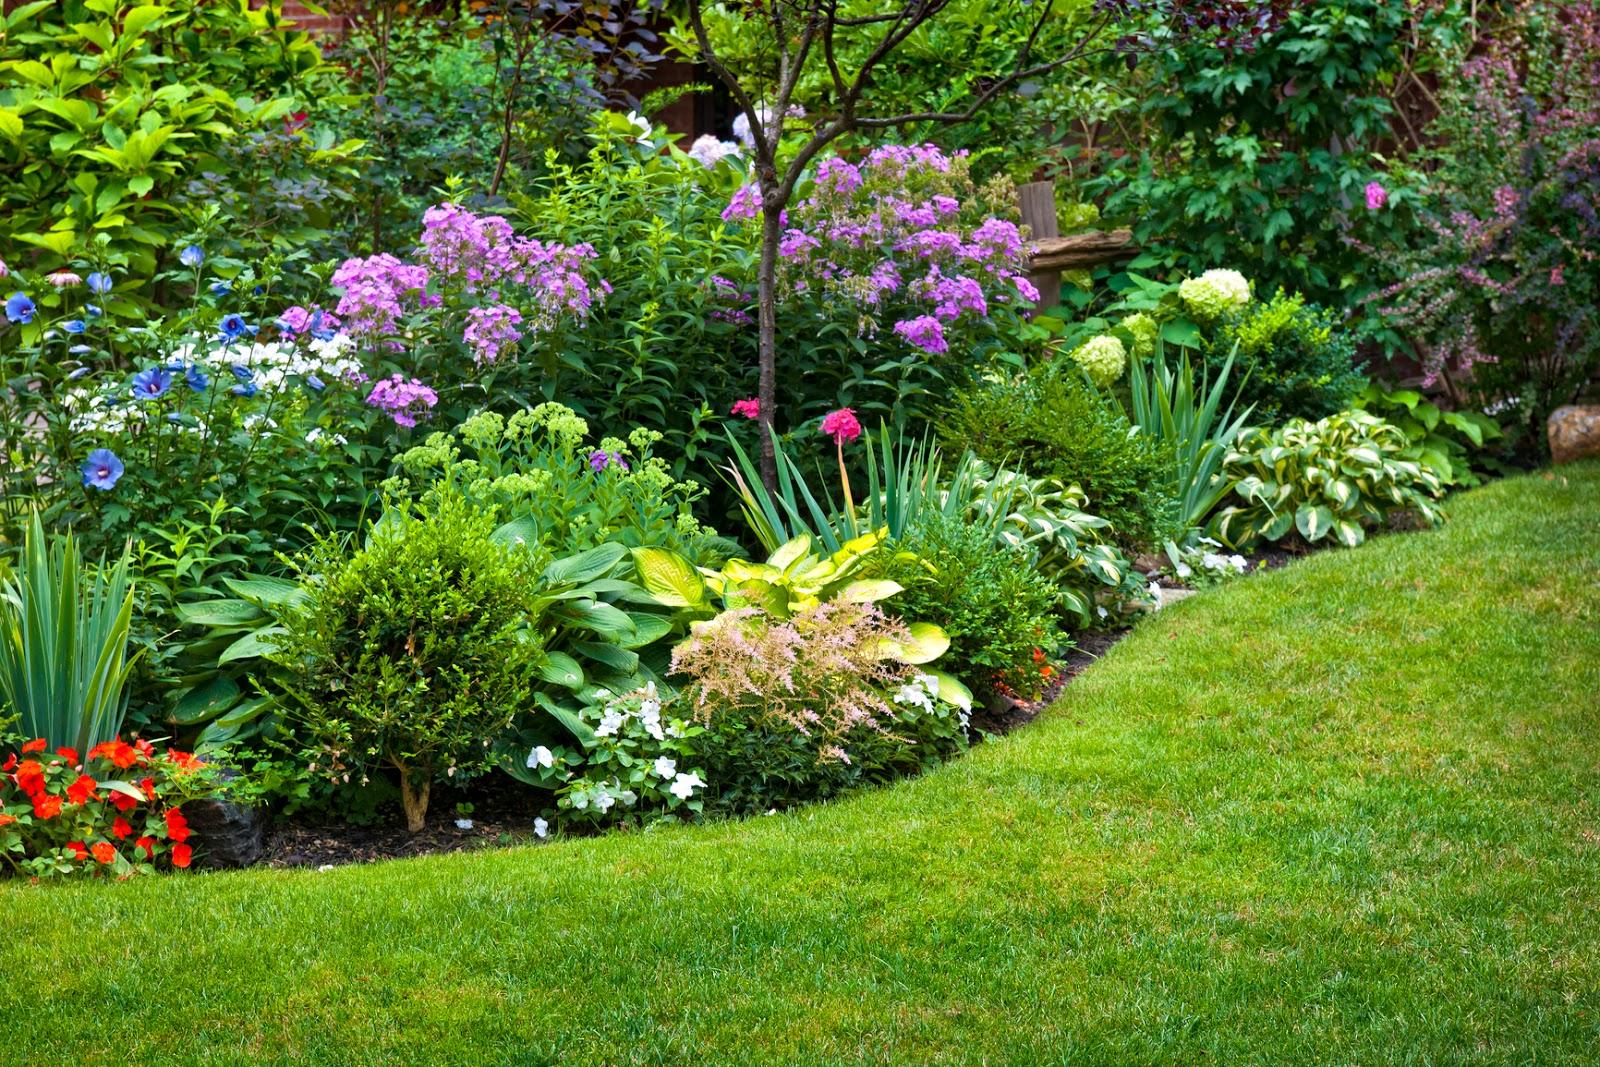 Ảnh mẫu vườn hoa đẹp